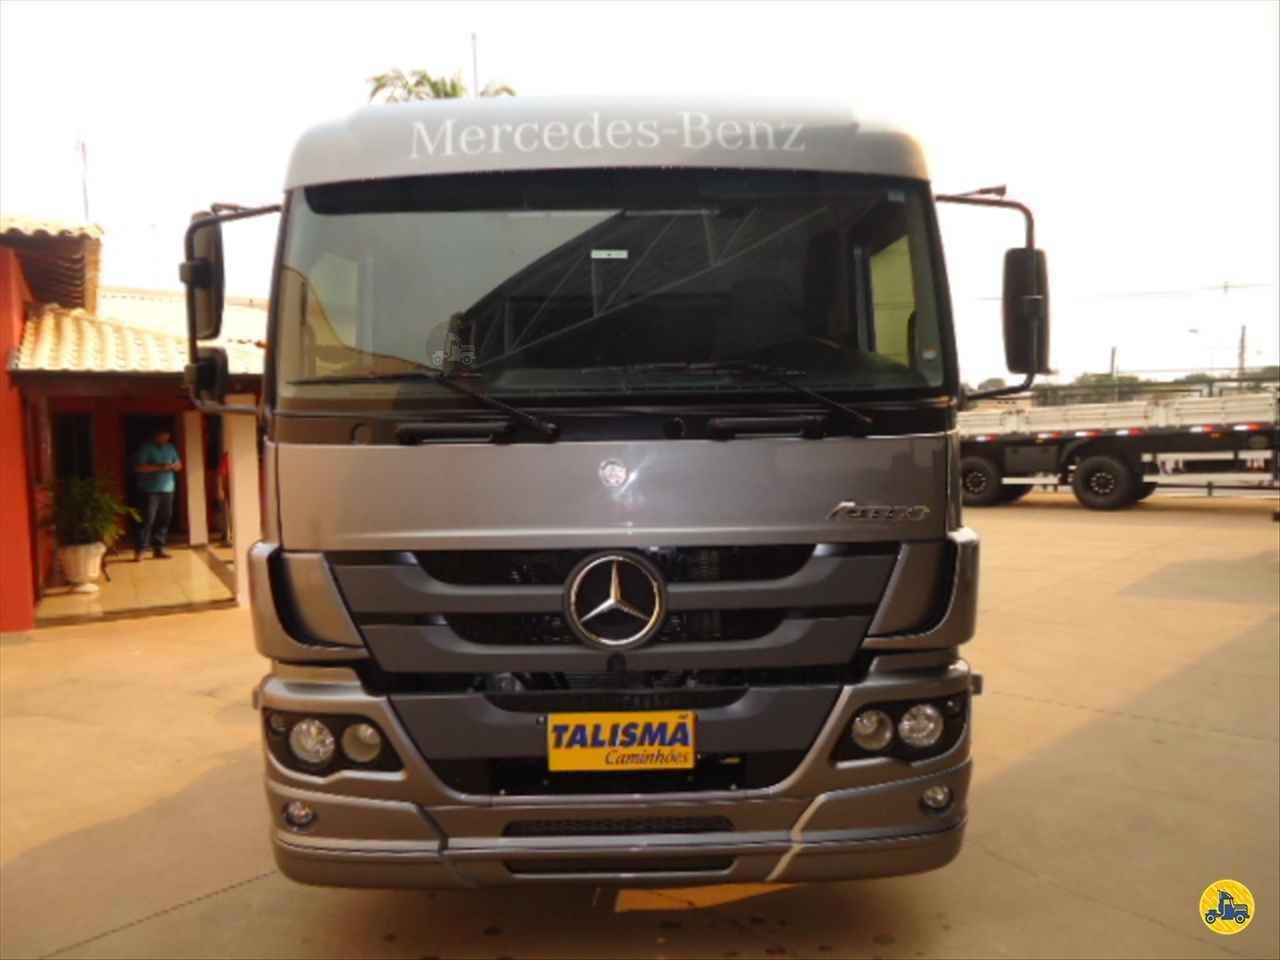 CAMINHAO MERCEDES-BENZ MB 2430 Chassis BiTruck 8x2 Talismã Veículos VARGEM GRANDE DO SUL SÃO PAULO SP